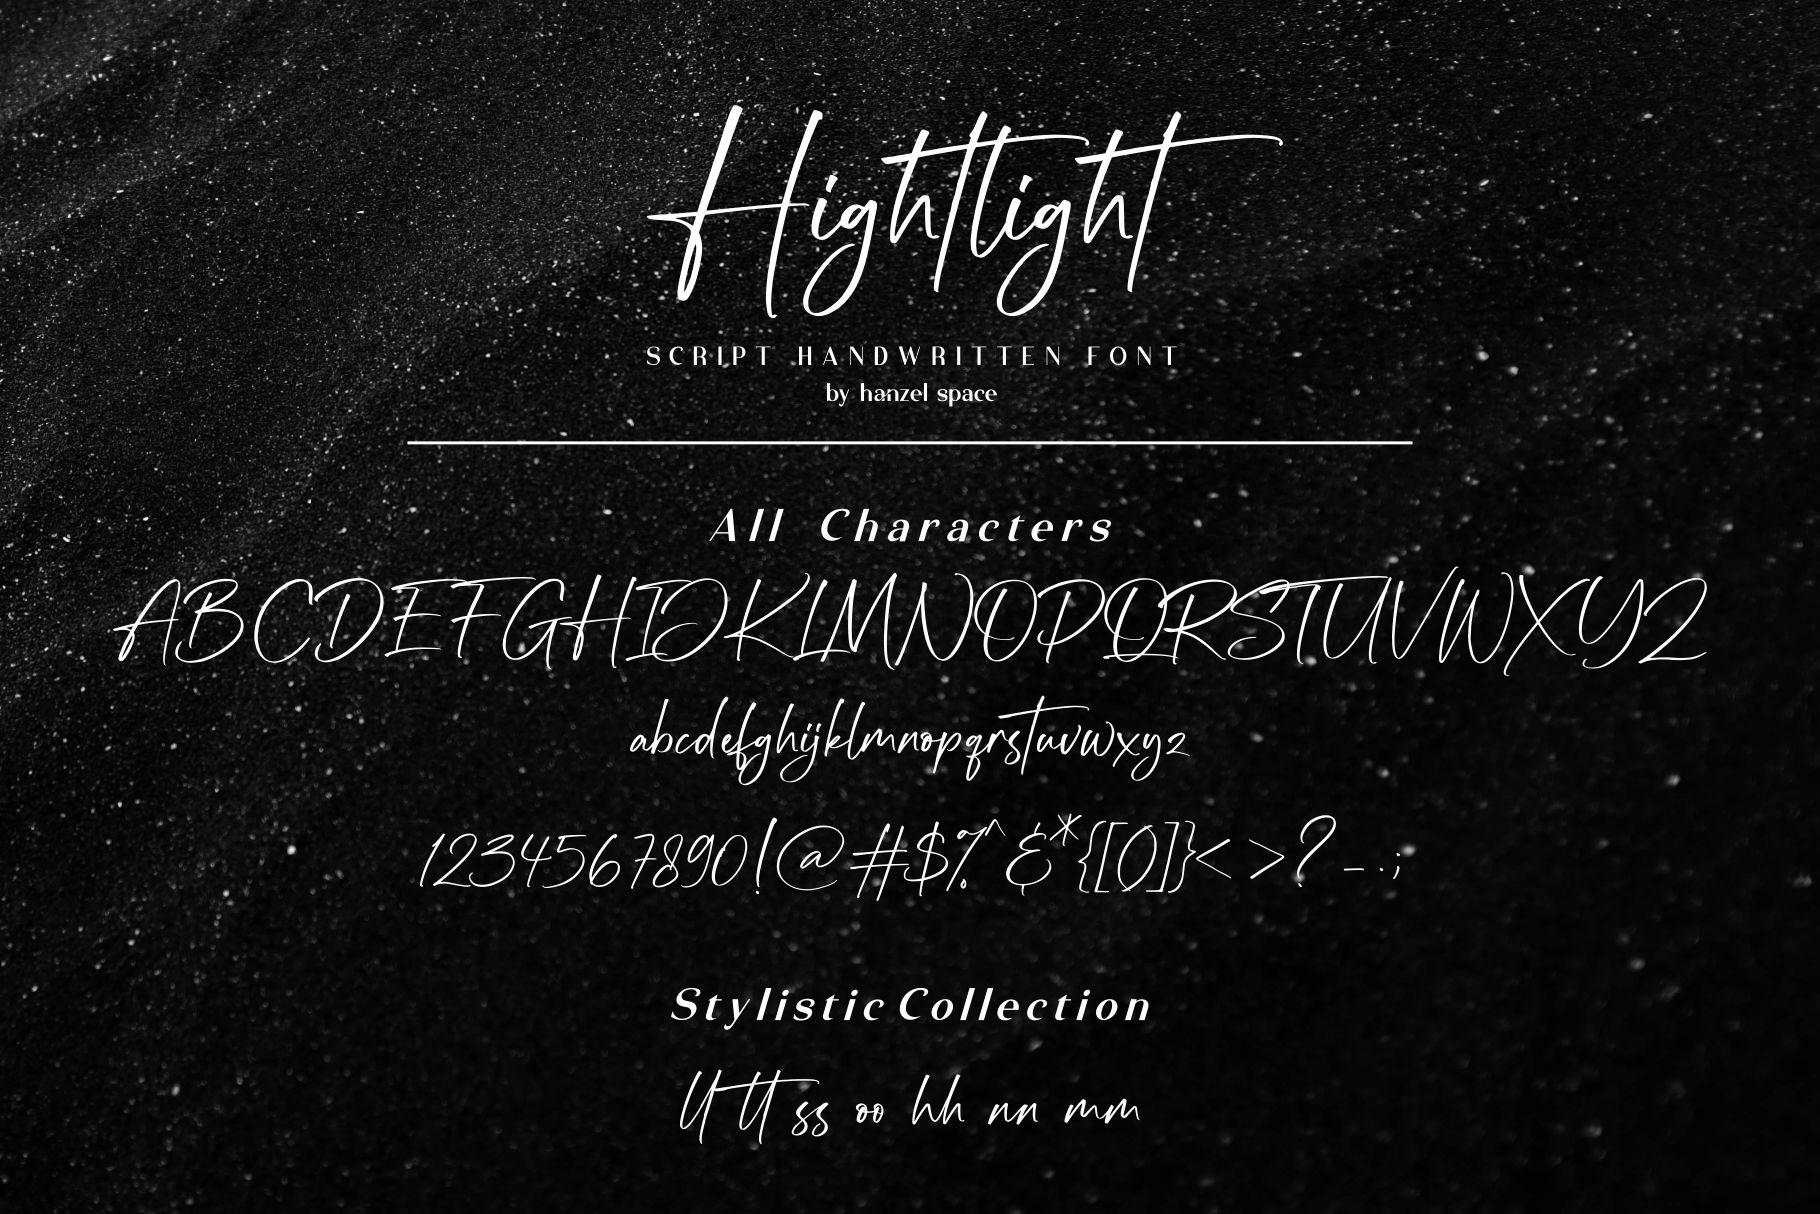 Hightlight-Font-3